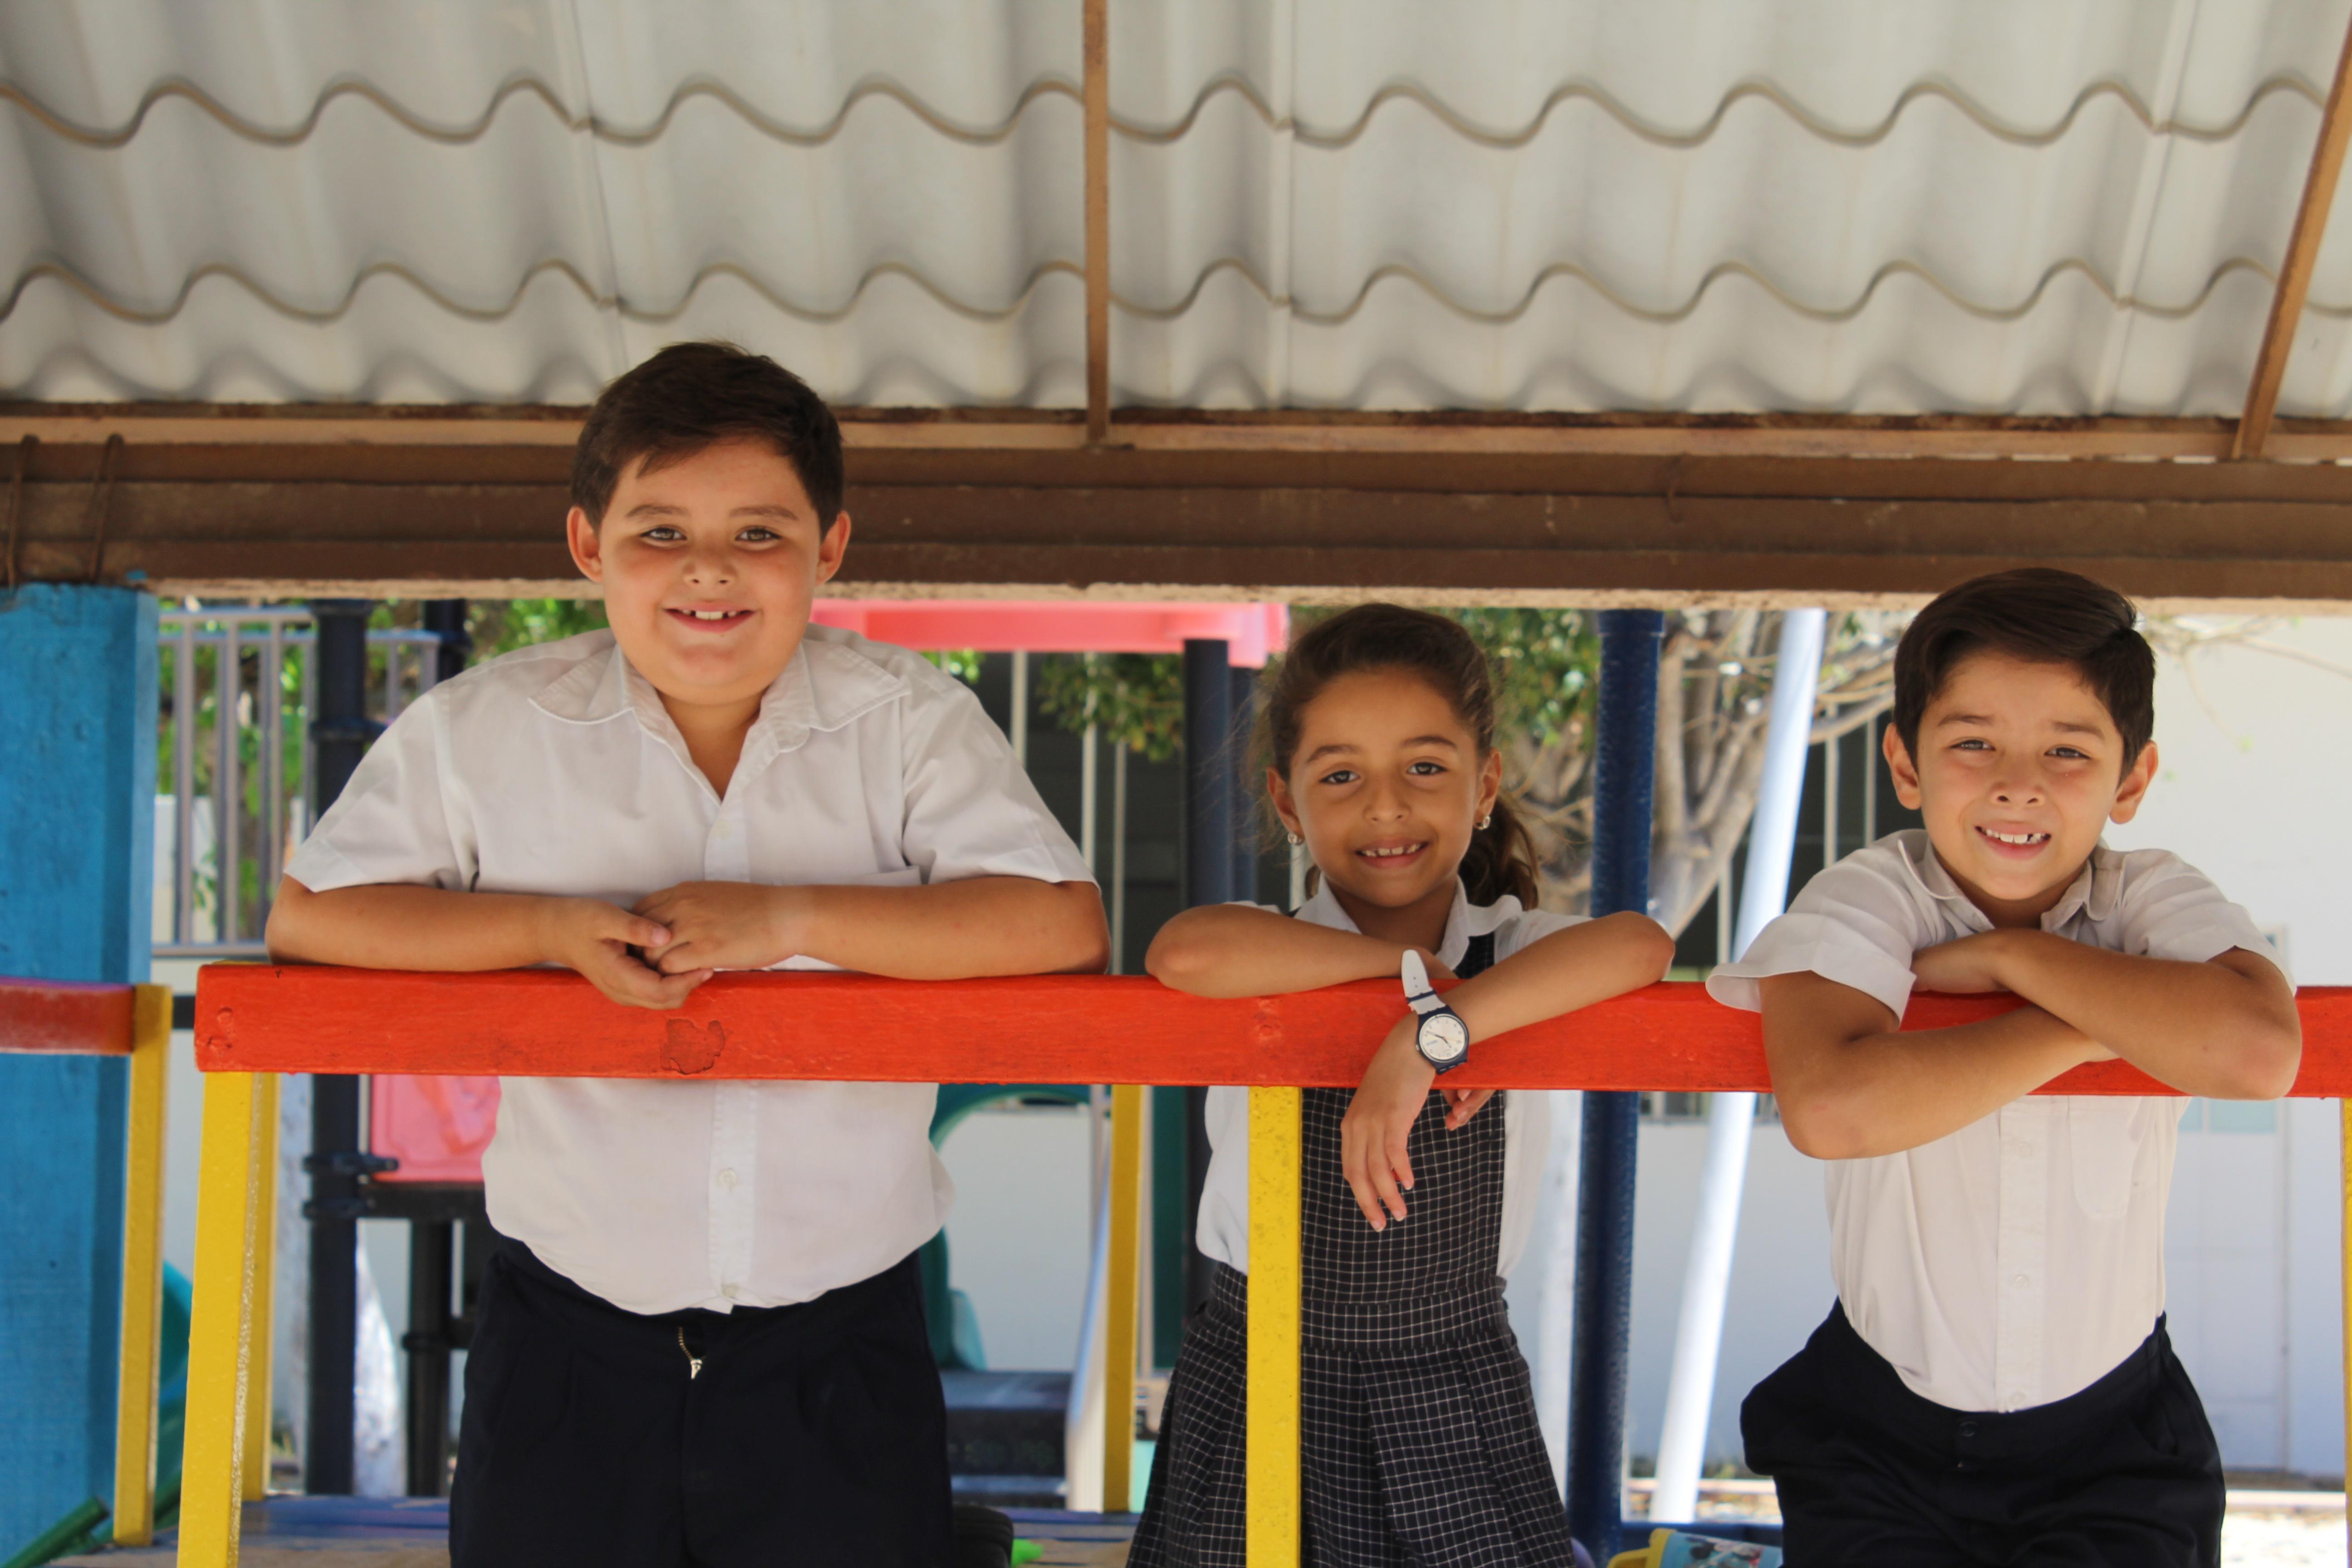 escuelas primarias particulares en merida